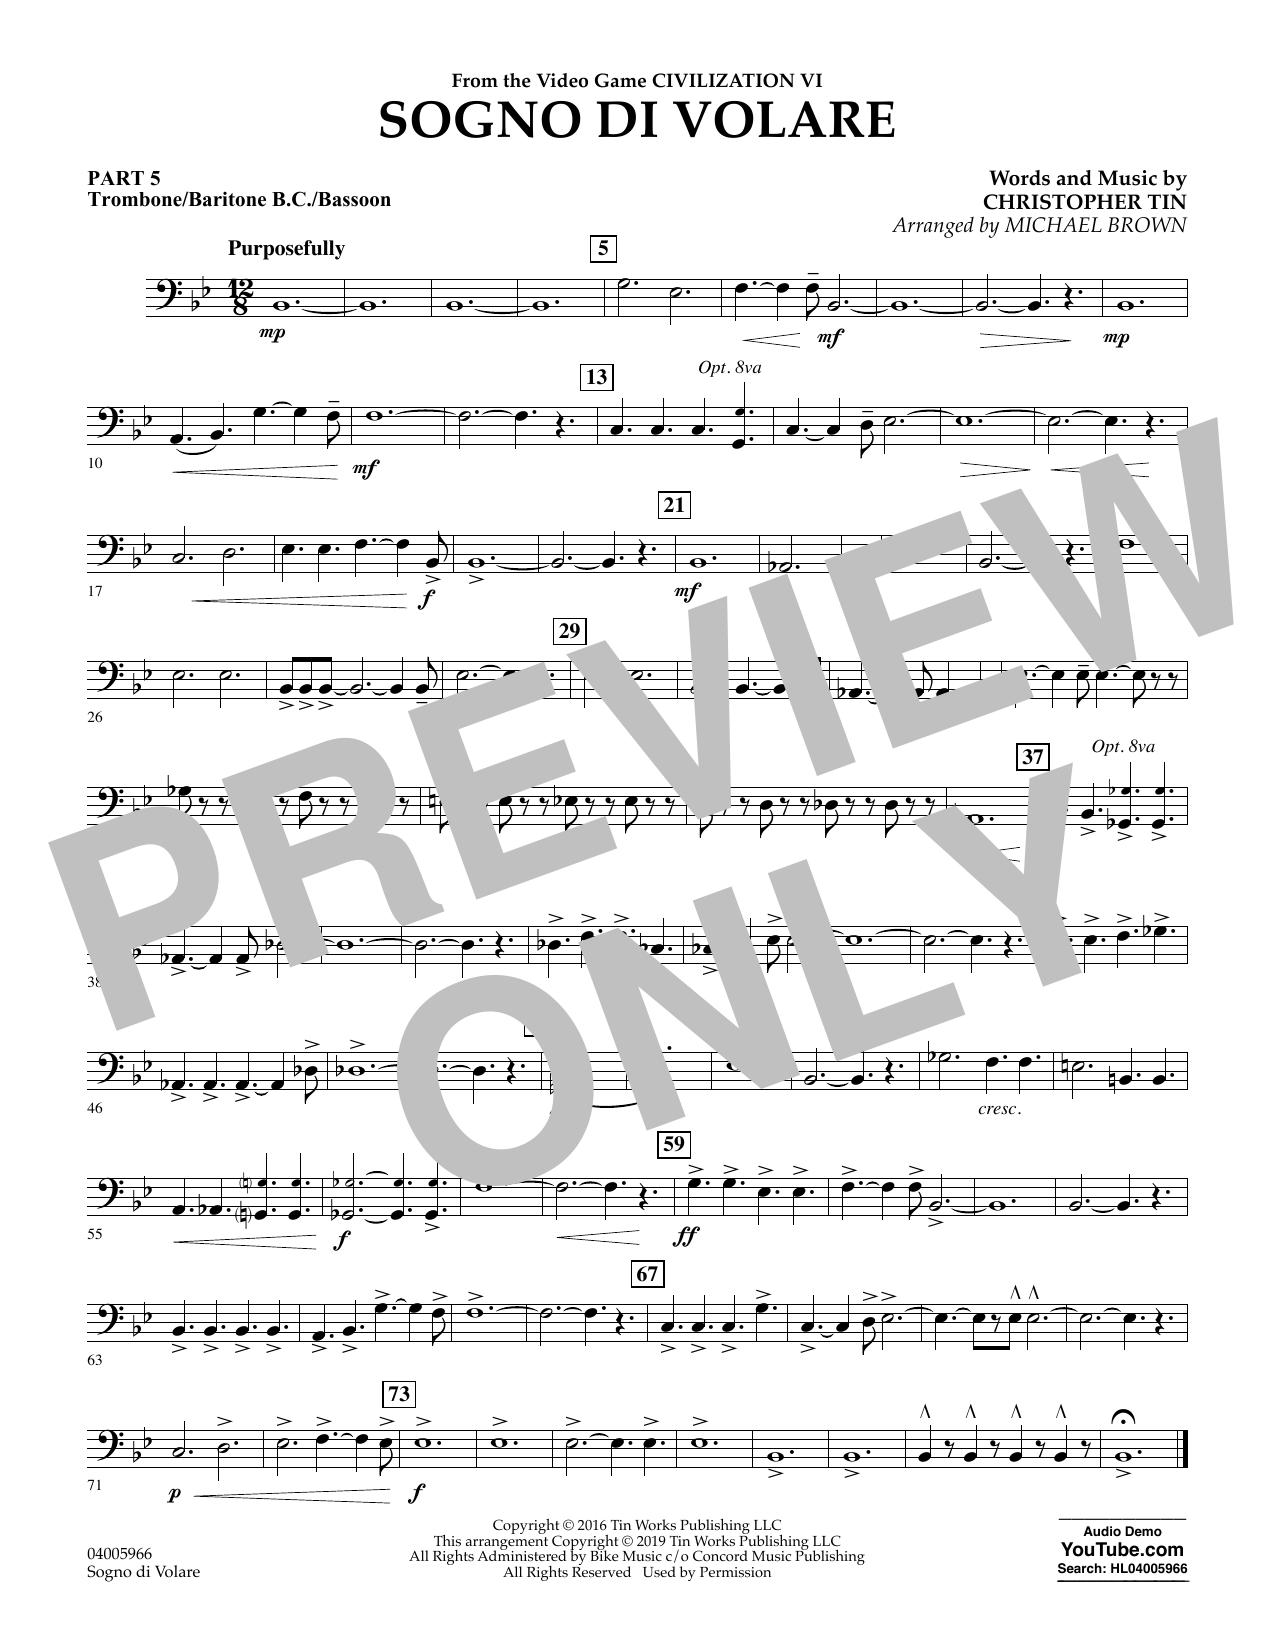 Sogno di Volare (from Civilization VI) (arr. Michael Brown) - Pt.5 - Trombone/Bar. B.C./Bsn. (Flex-Band)